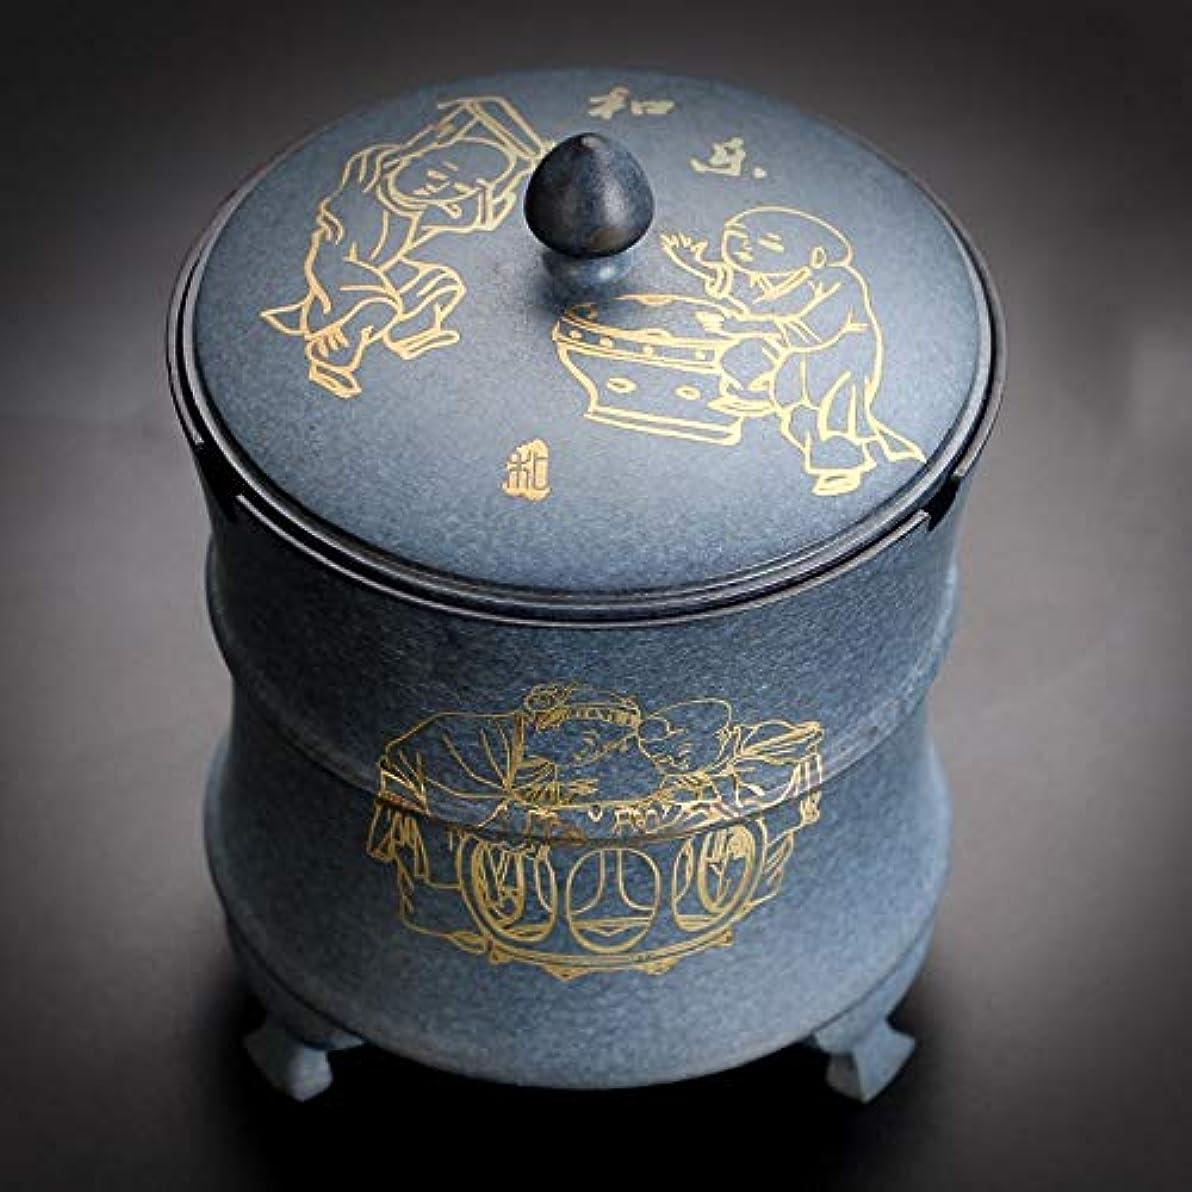 灌漑方向めまいが純銅灰皿銅工芸品居間研究室装飾アンティーク灰皿装飾品